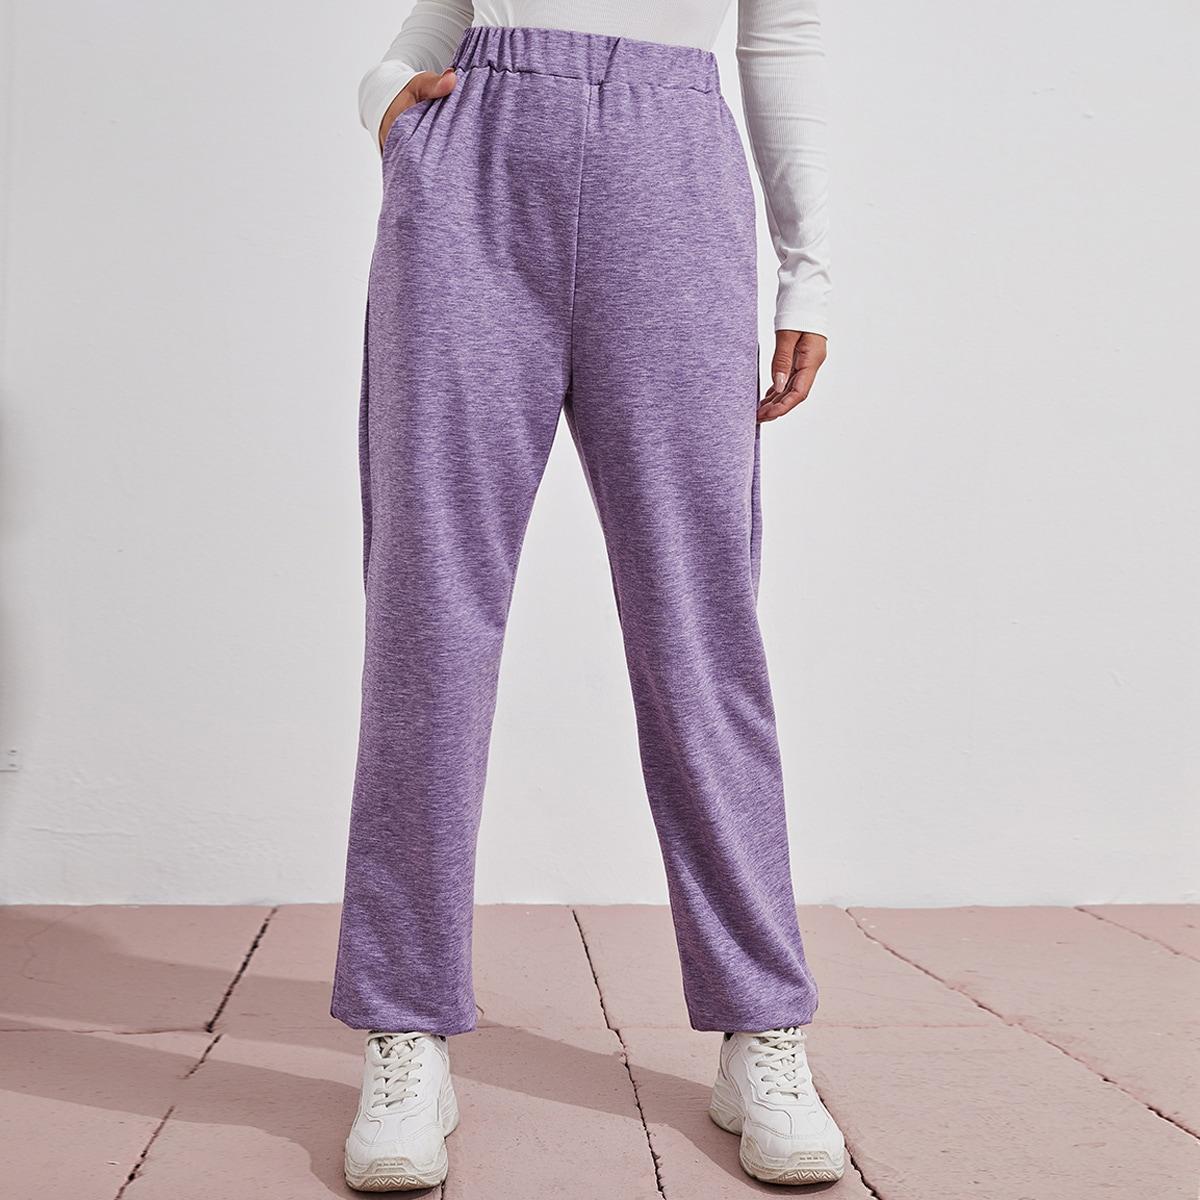 Спортивные брюки с эластичной талией